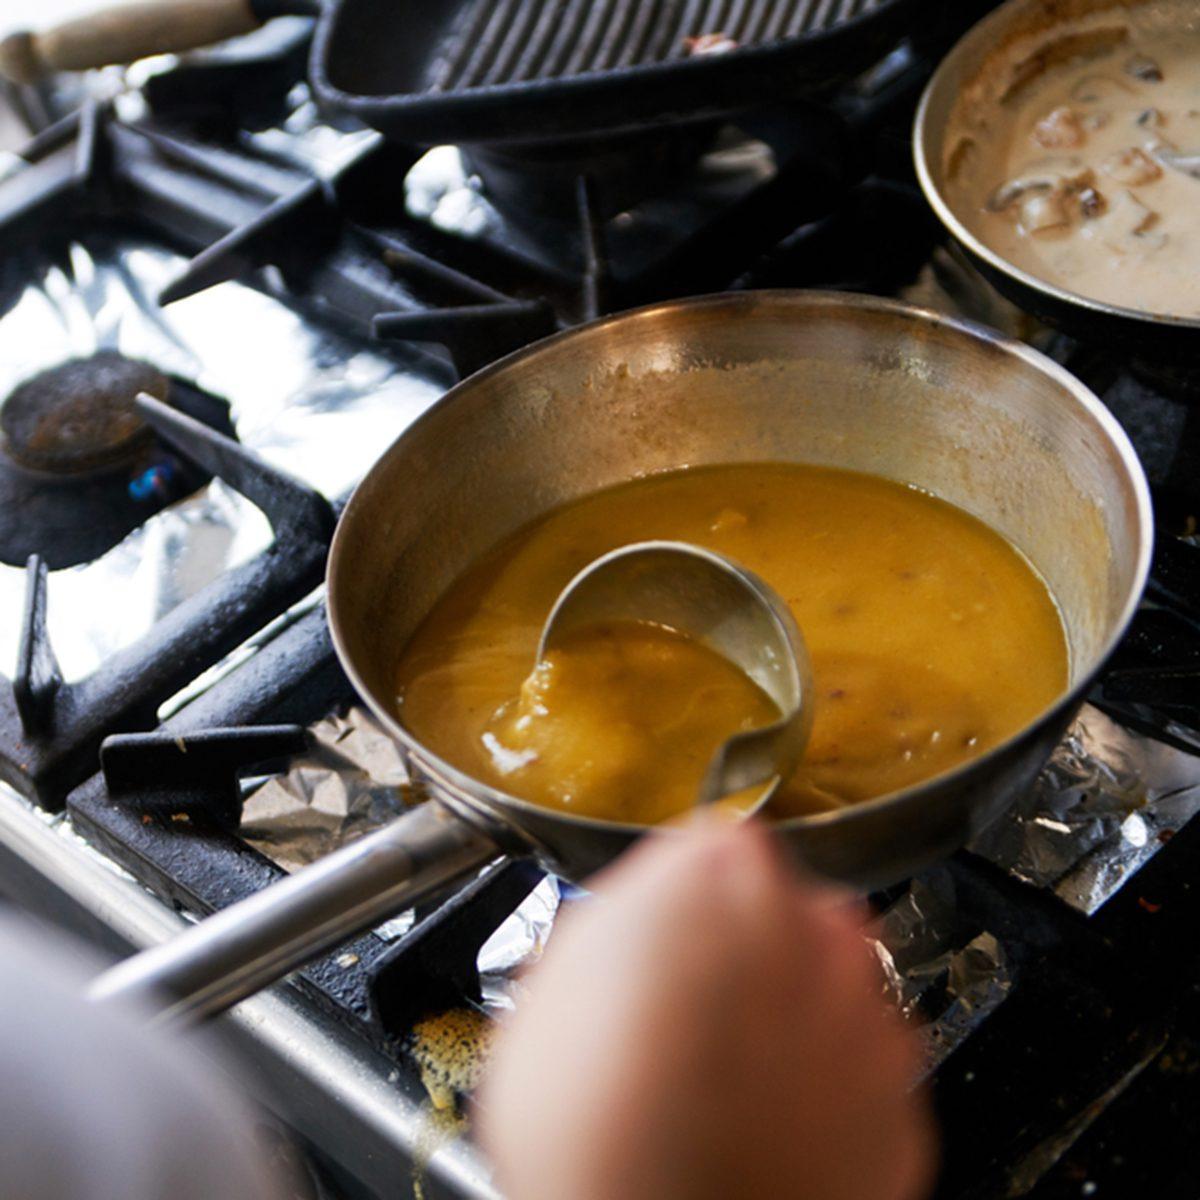 Making Gravy On The Restaurant Stove